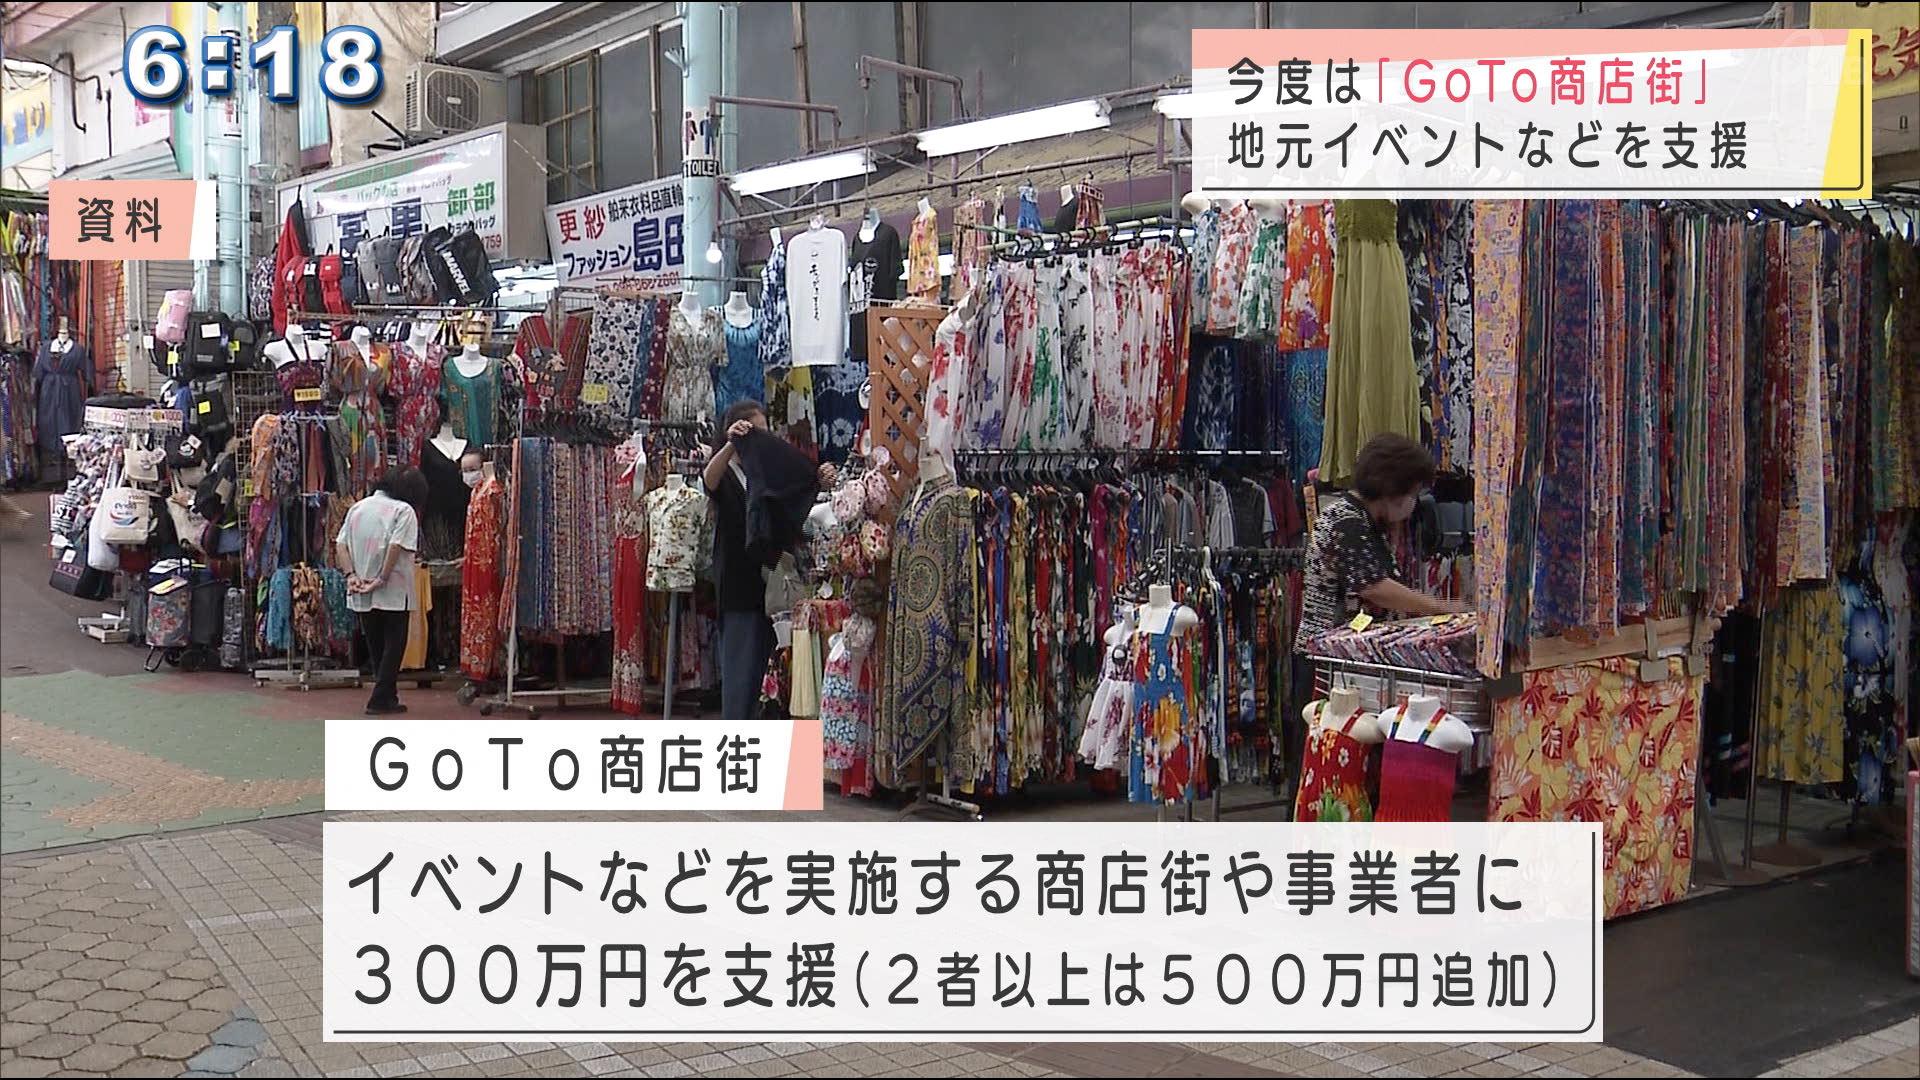 地域イベントを支援 「GоTо商店街」募集開始